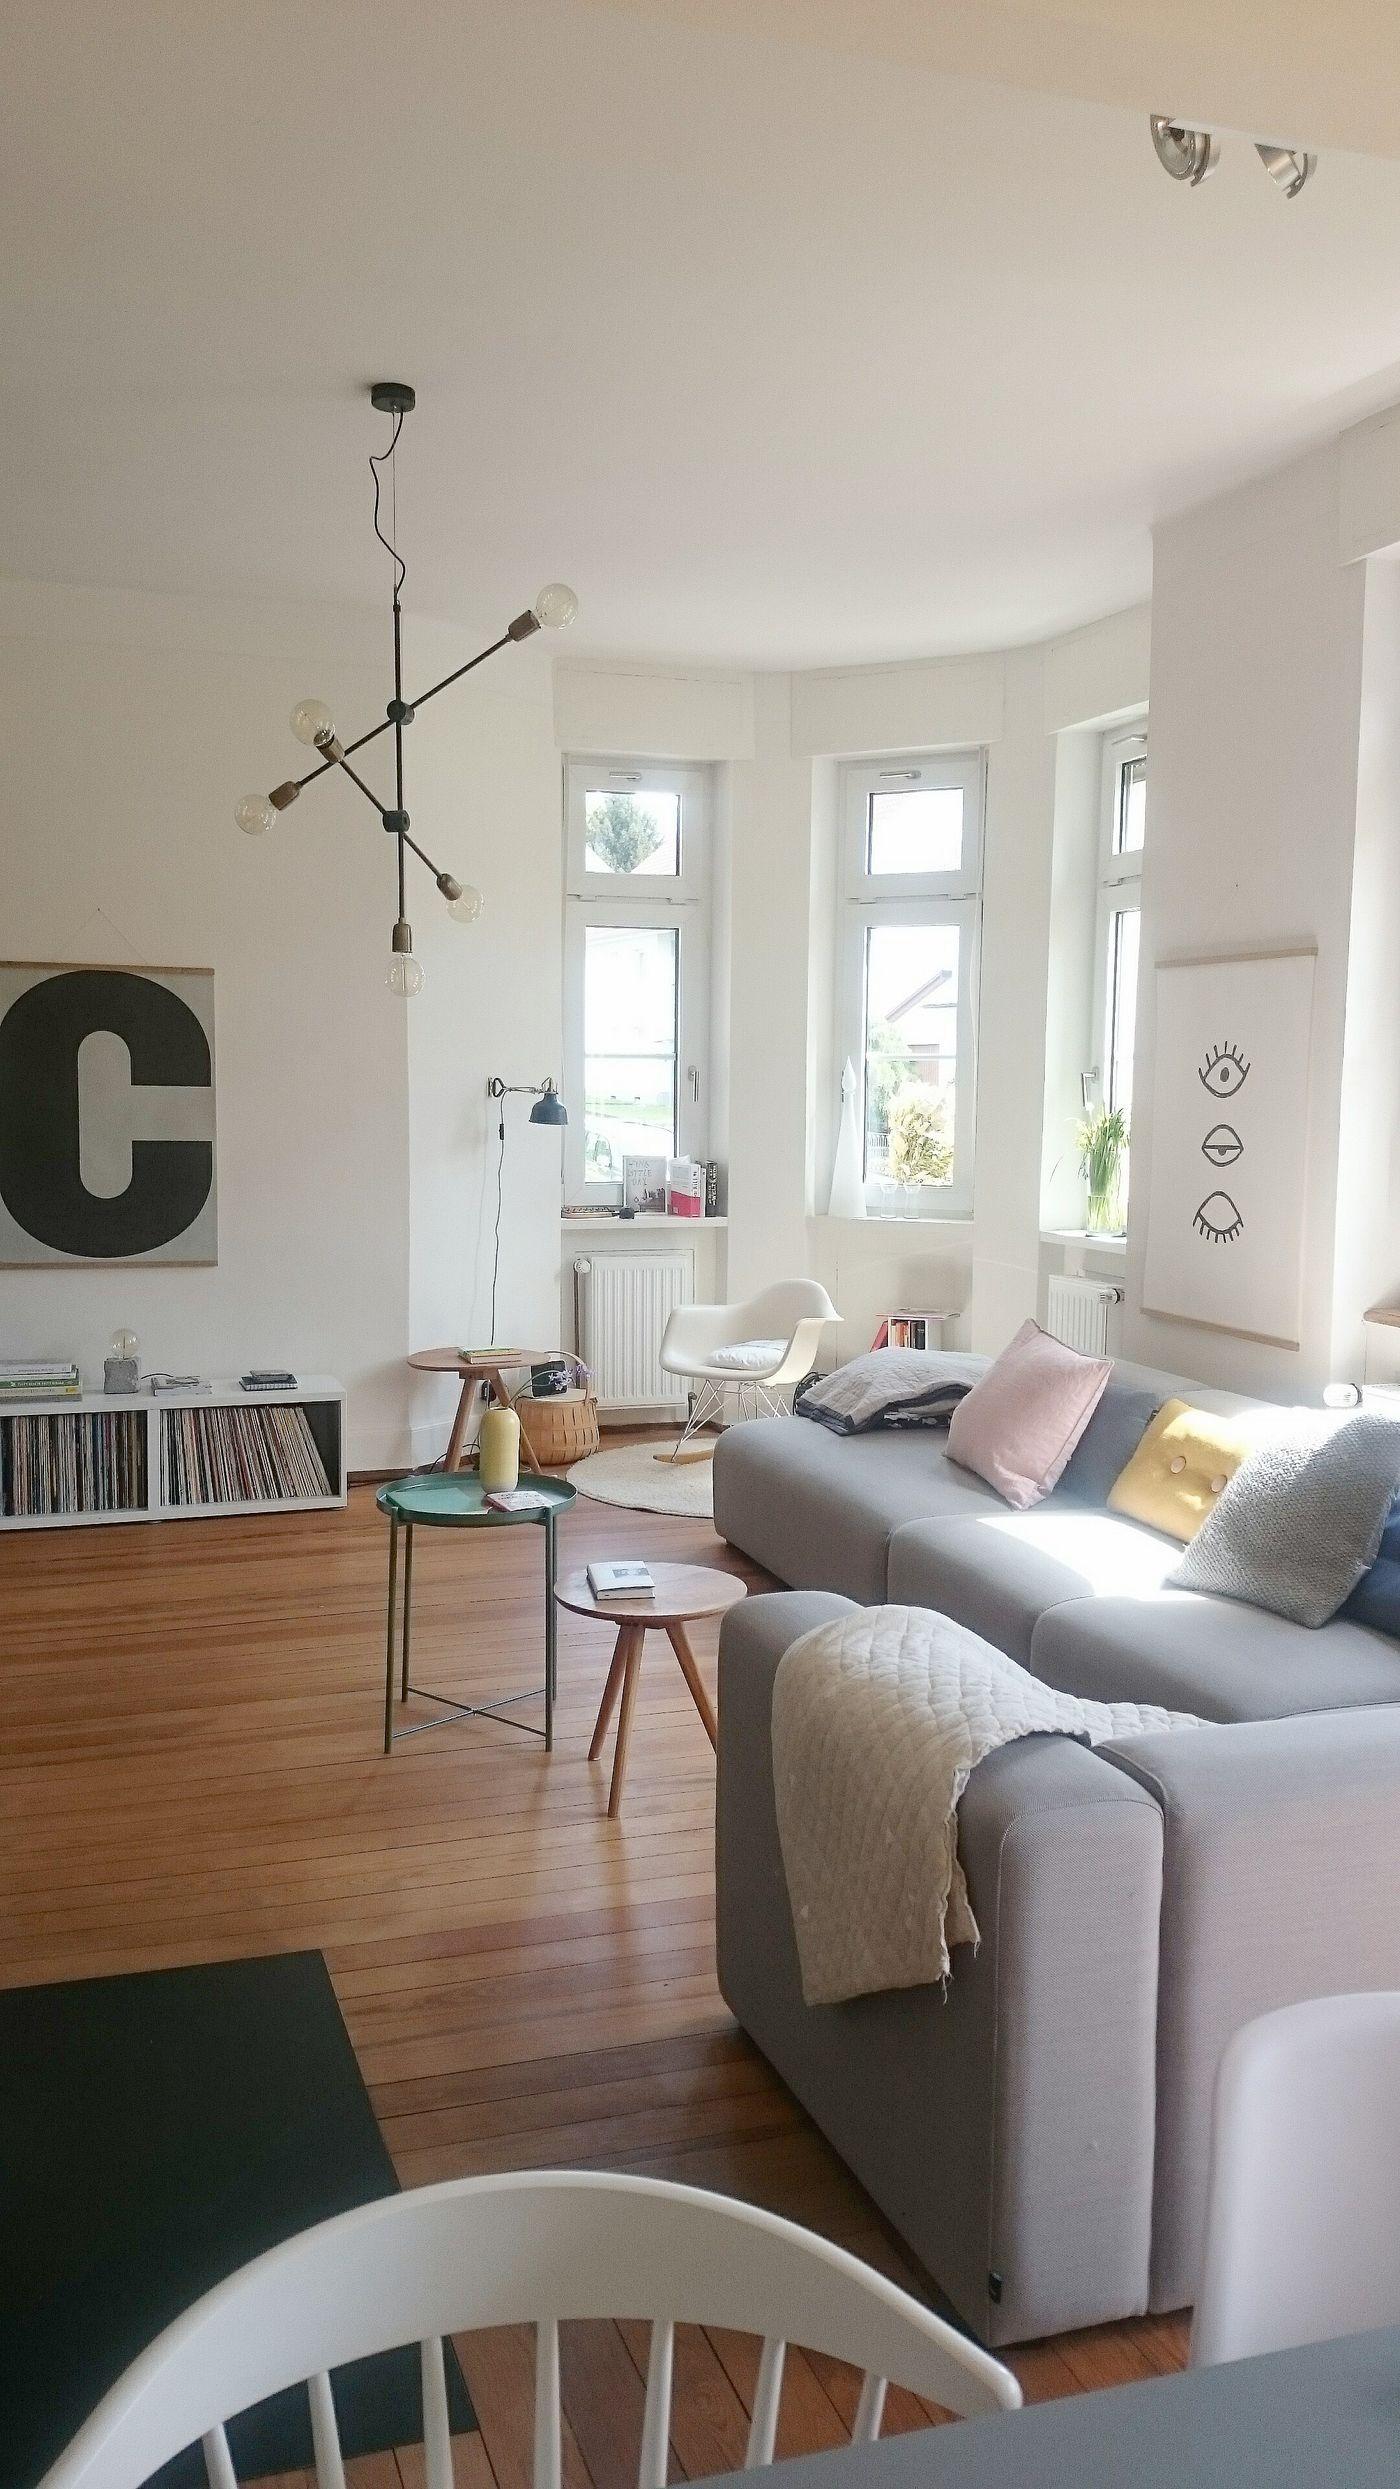 Wohnideen im skandinavischen Design und Wohnstil  Seite 3